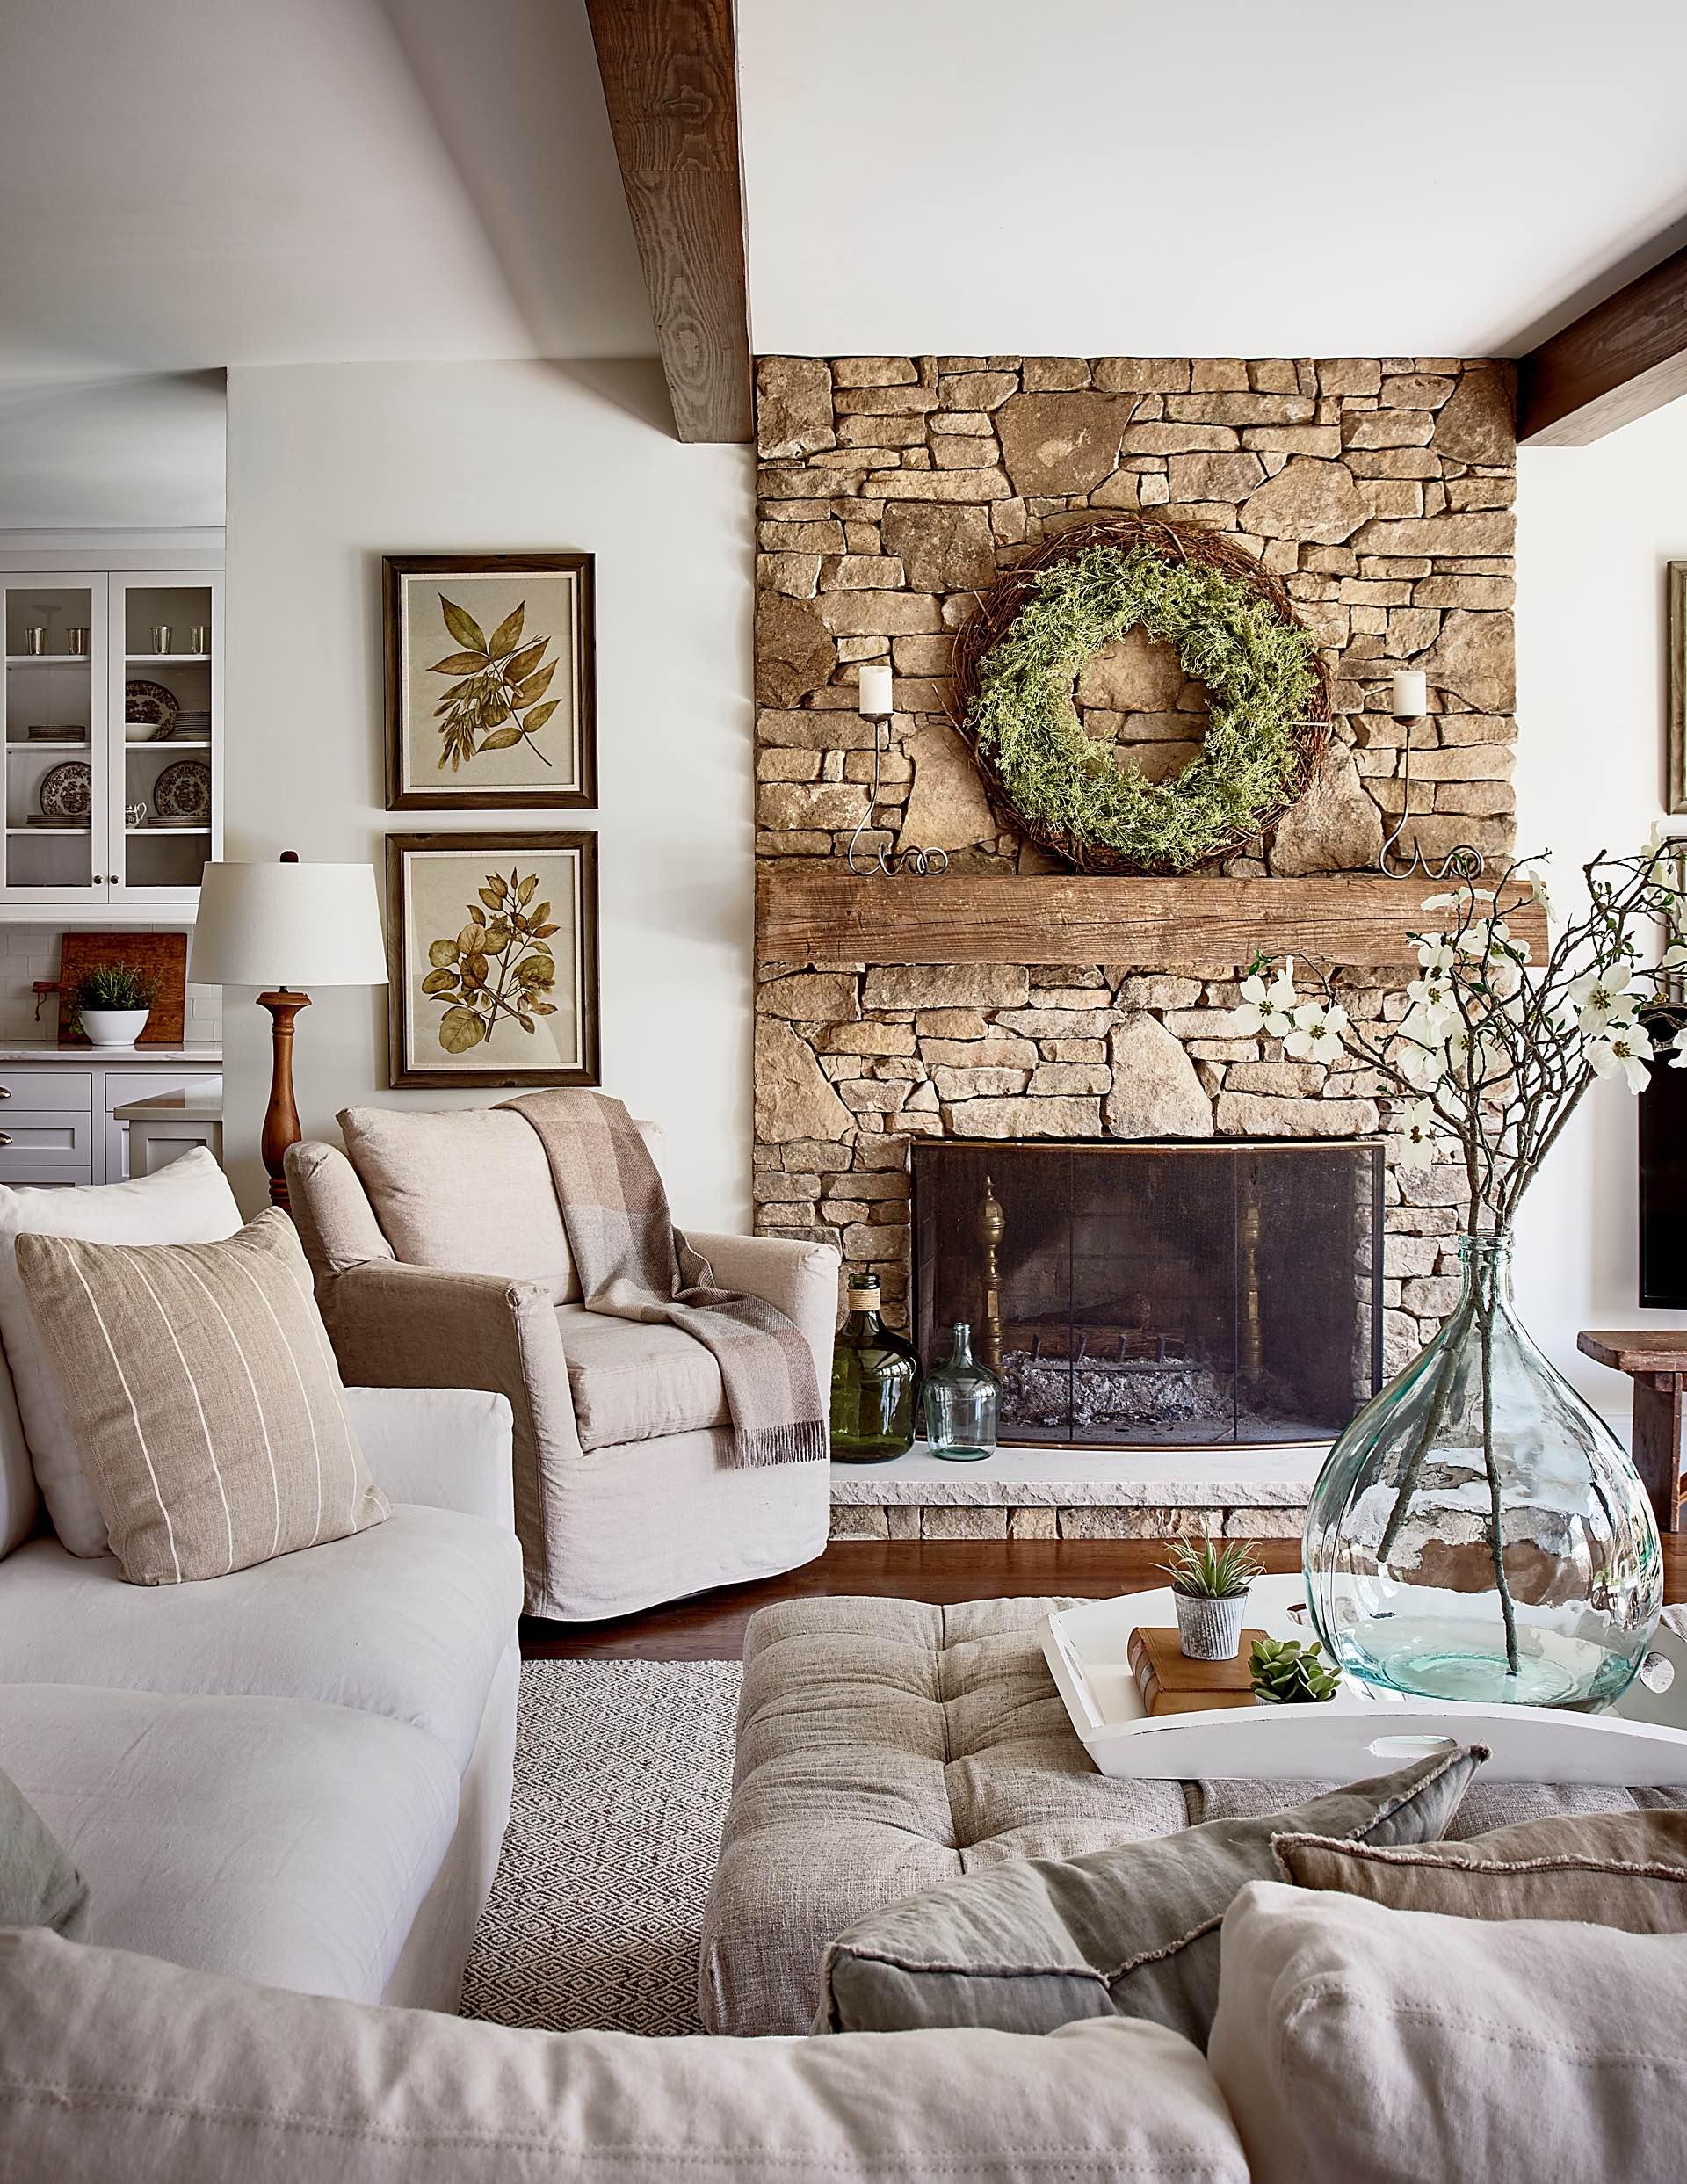 гостиная камин диван кресло каменная кладка